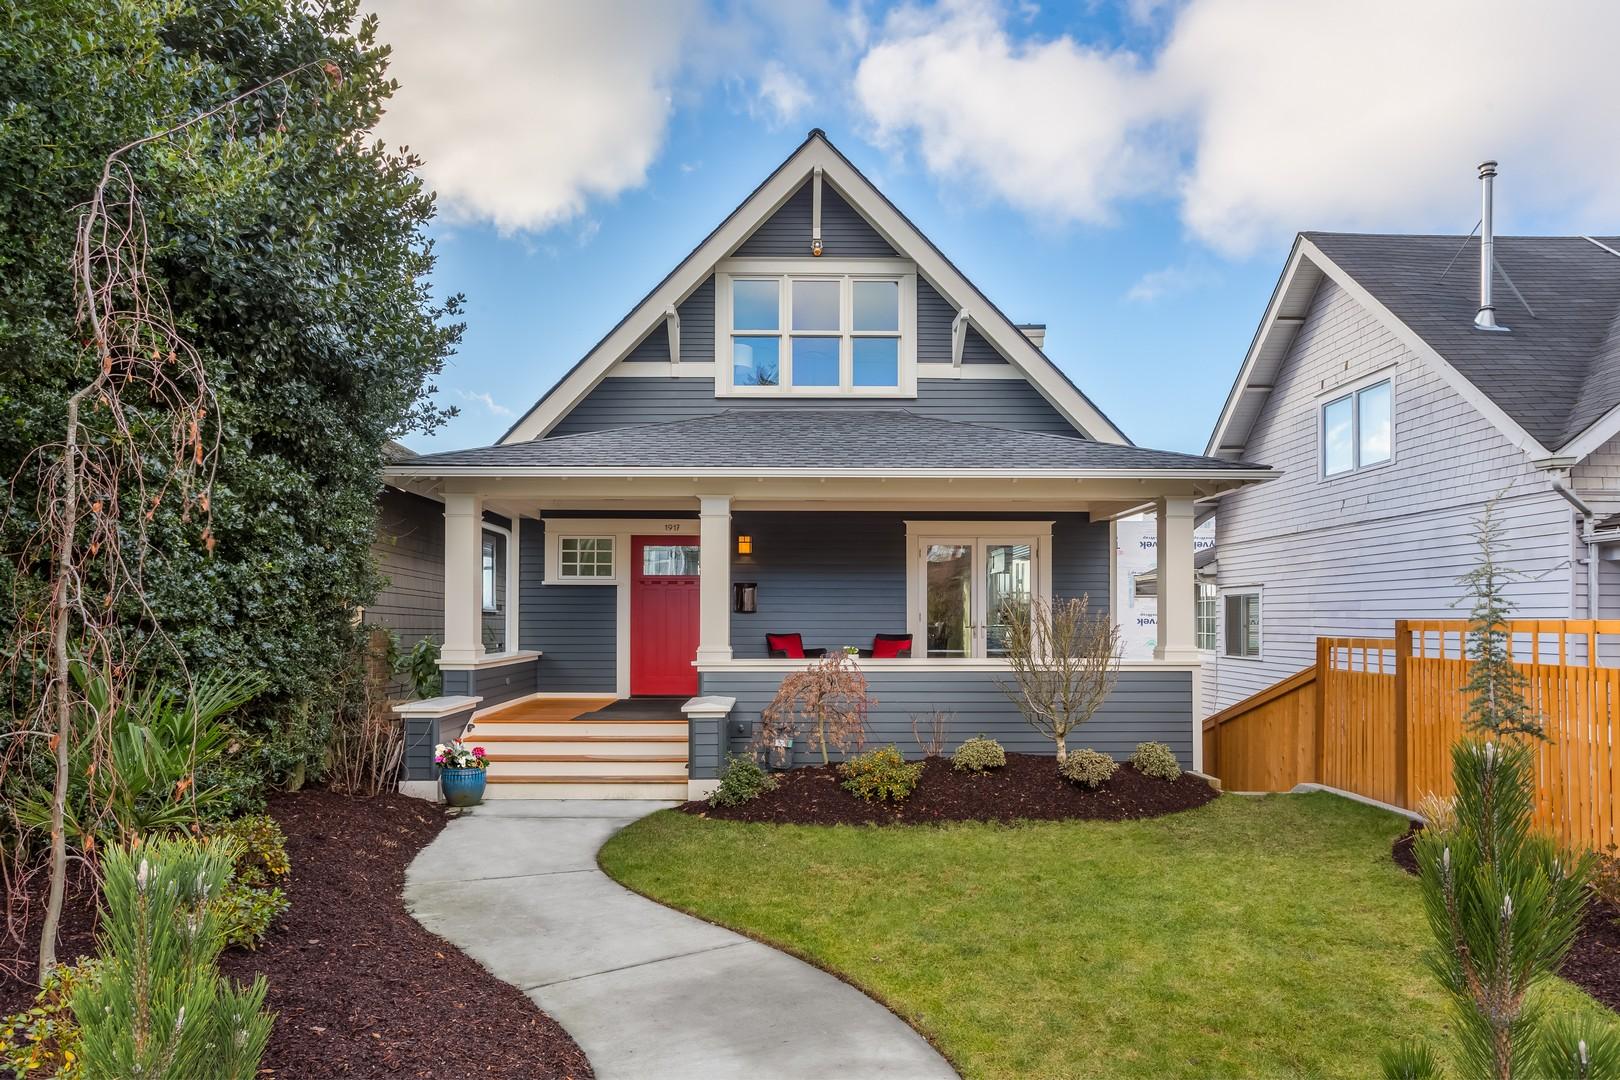 Villa per Vendita alle ore 1917 9th Ave W Seattle, Washington, 98119 Stati Uniti